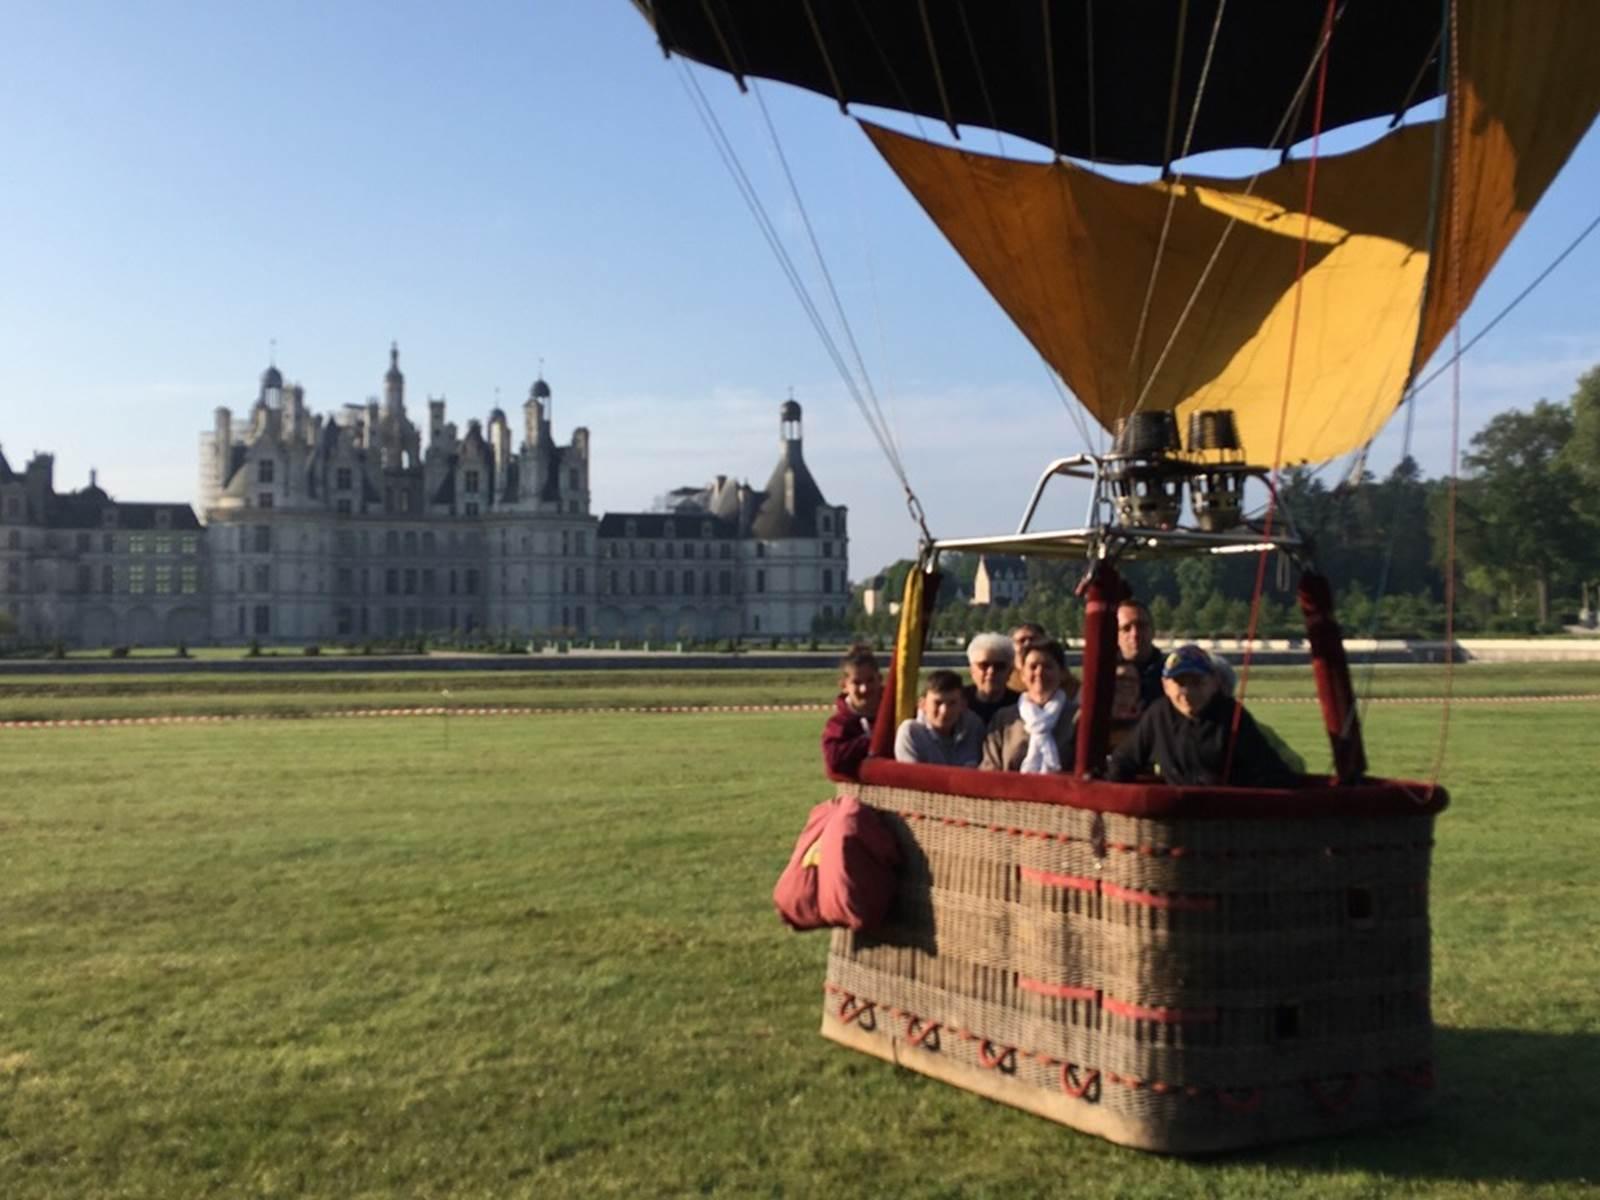 Gites de l'Aérostier Blanchard en Sologne vol en mongolfière au chateau de Chambord